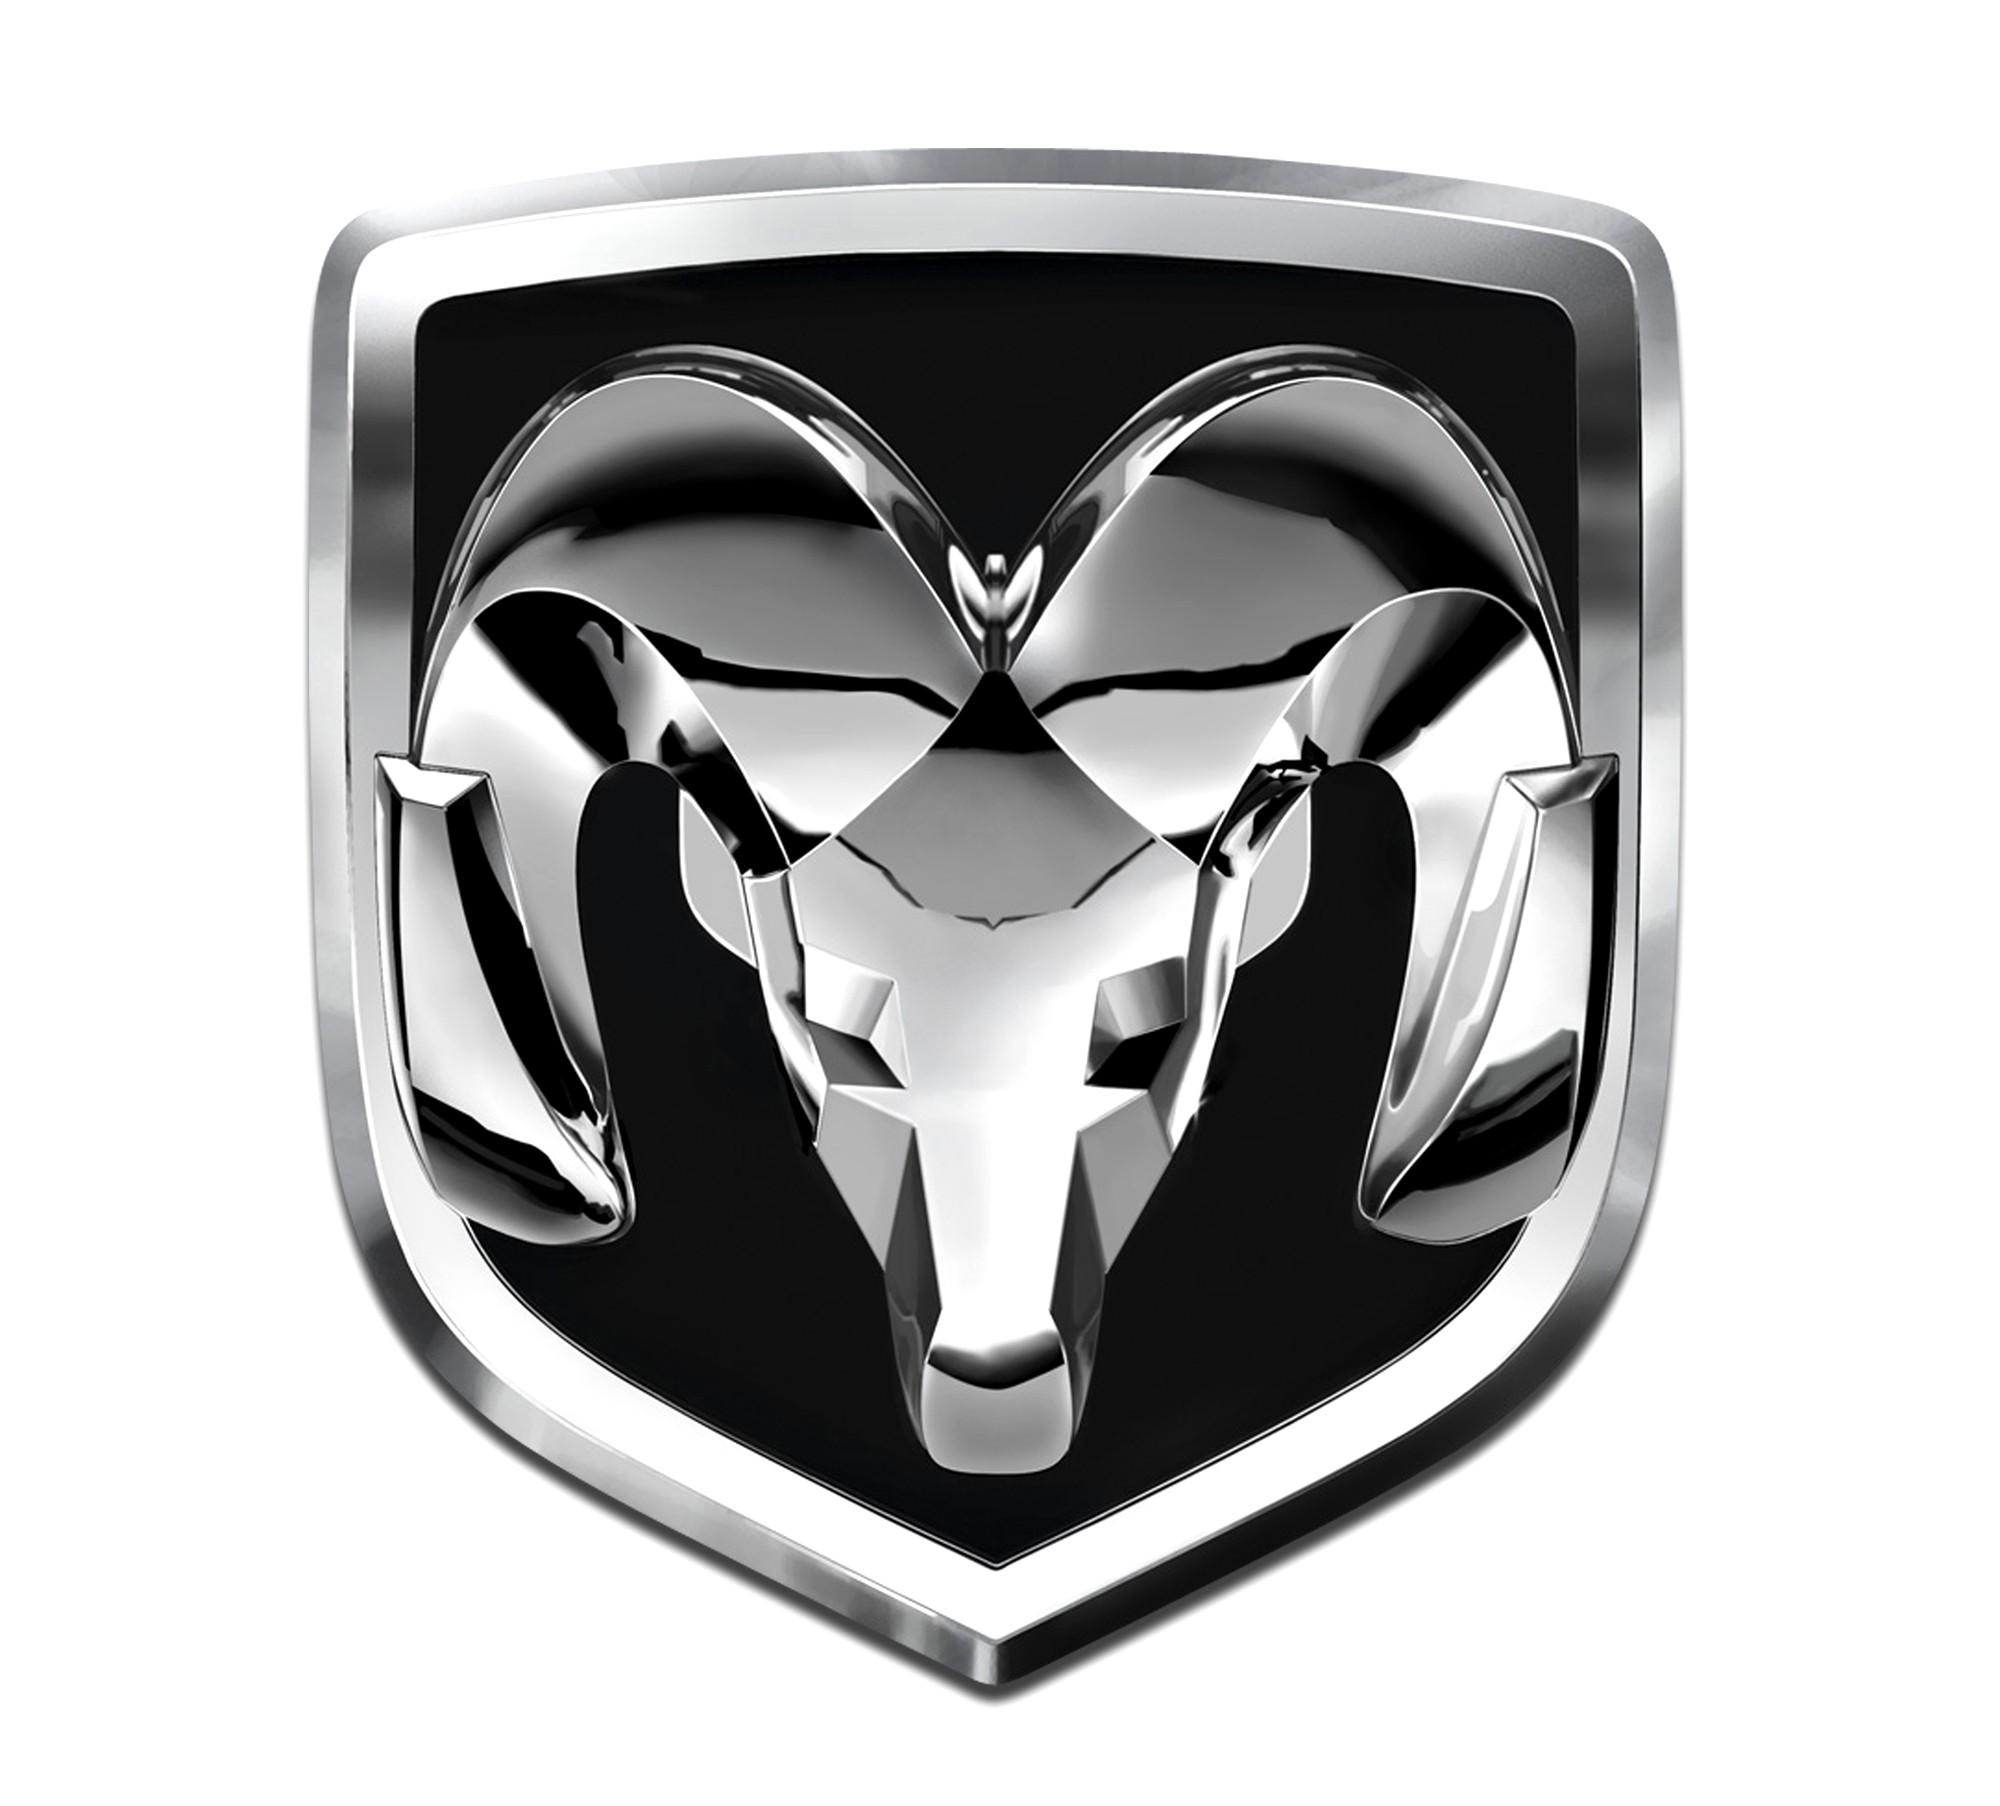 2000x1806 Dodge Ram Logo Vector